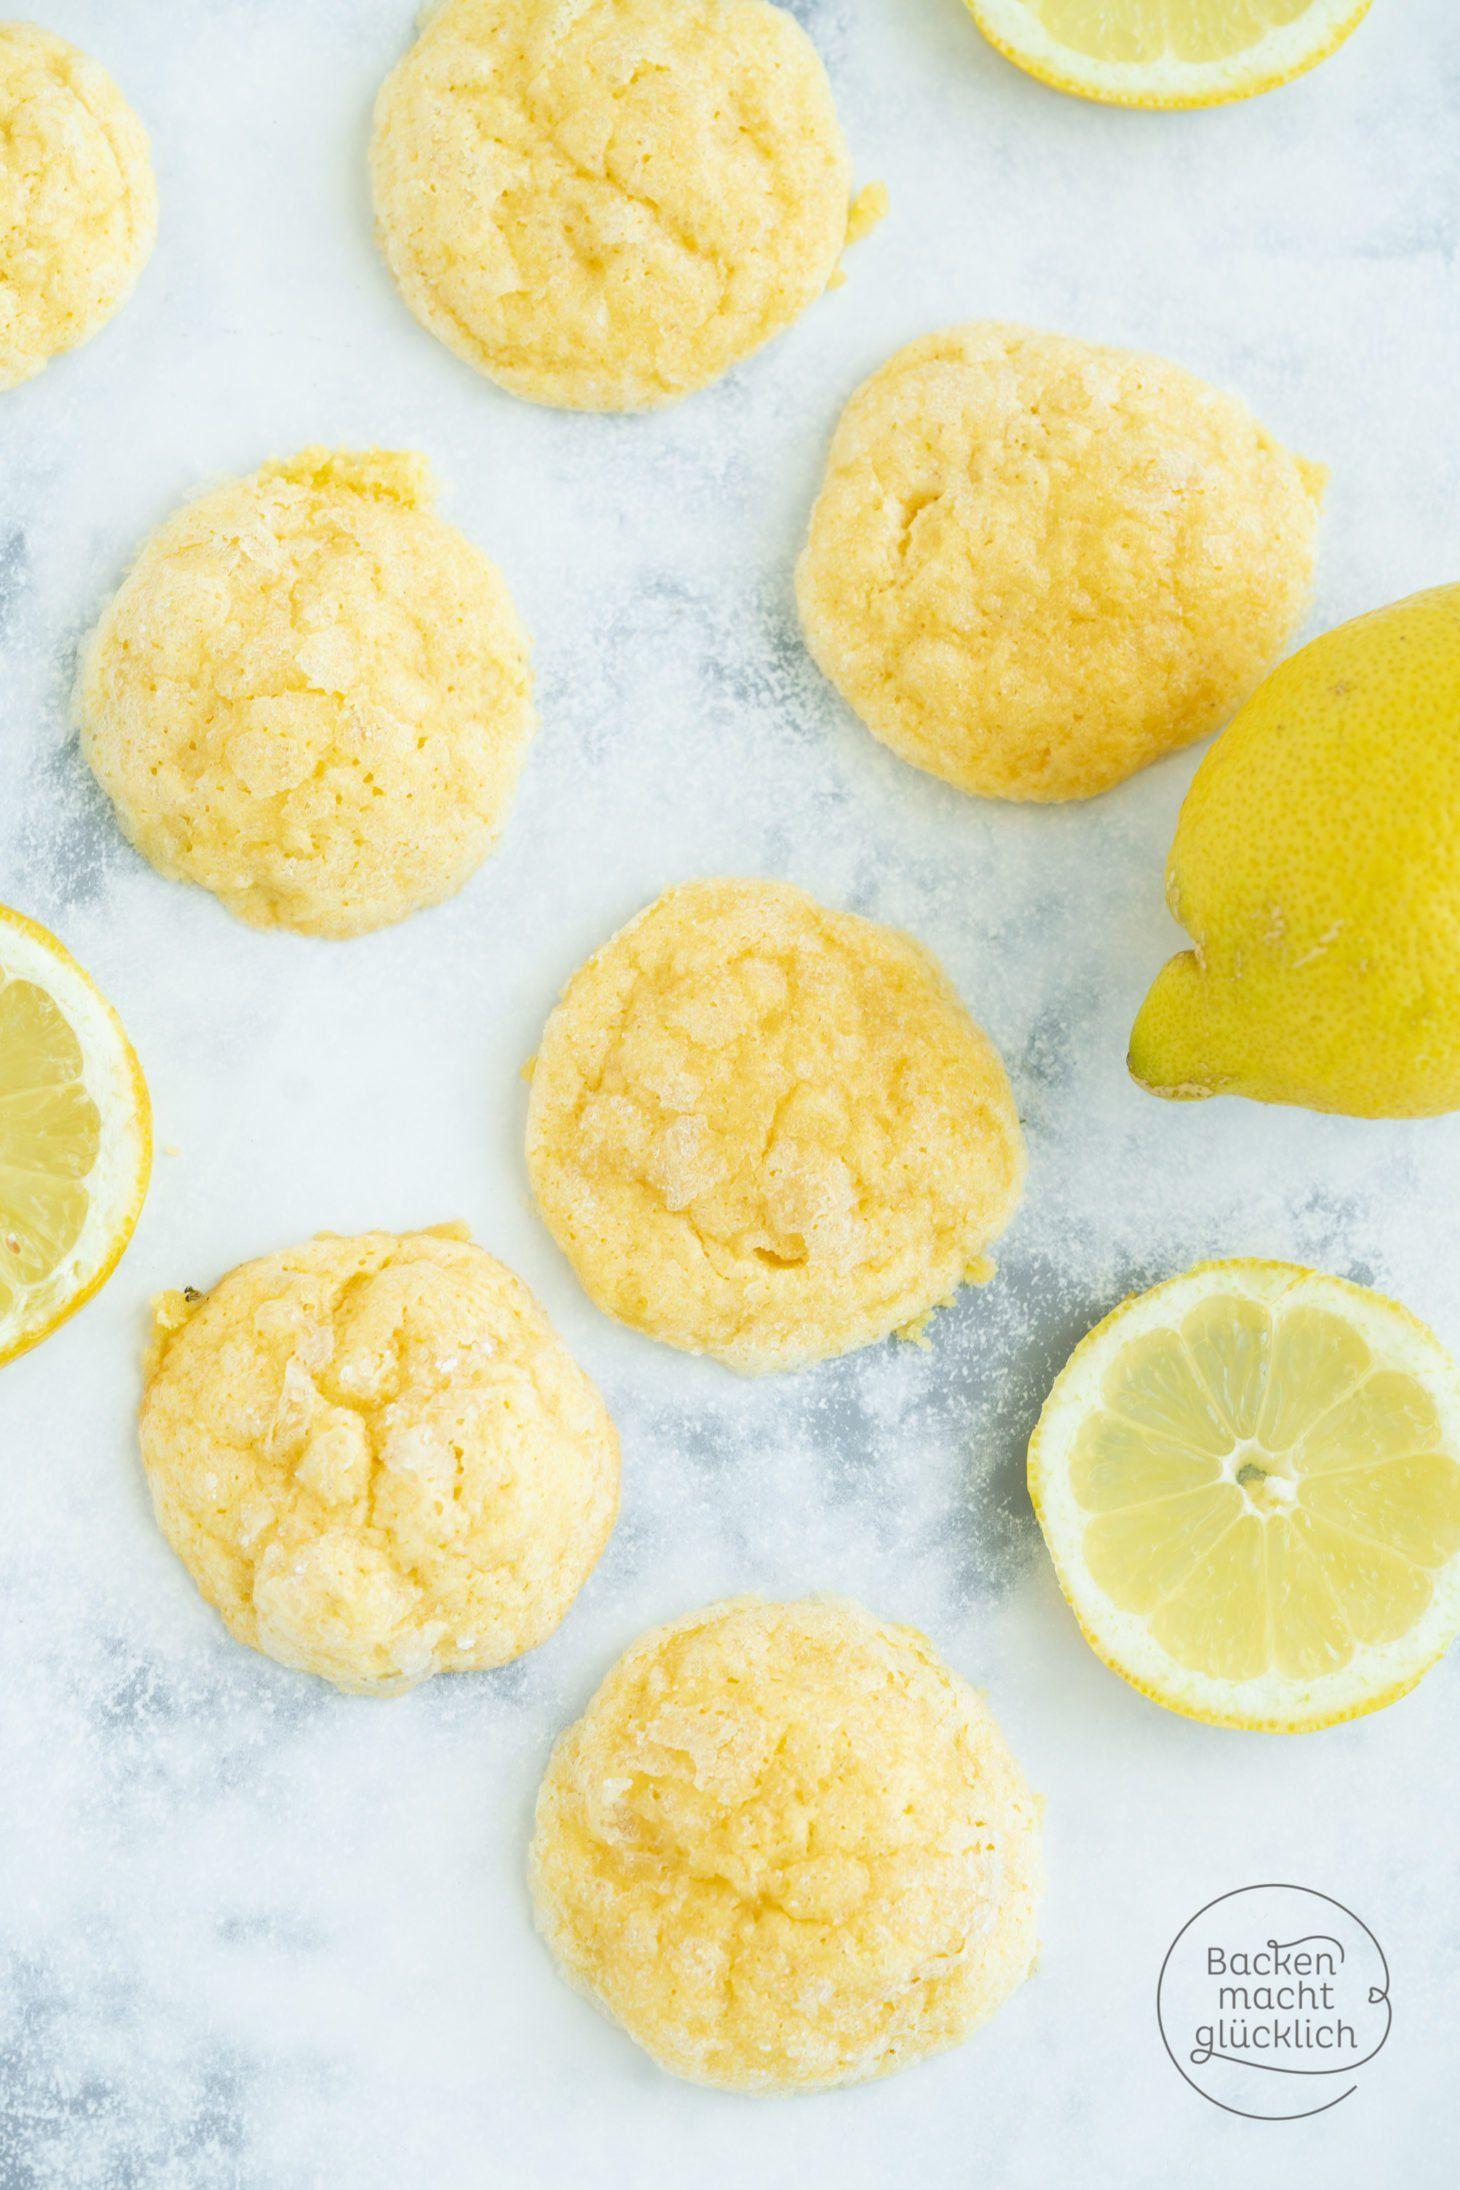 Juicy Lemon Cookies (Lemon Cookies) Baking makes you happy -  Wonderful summer lemon cookies! The l